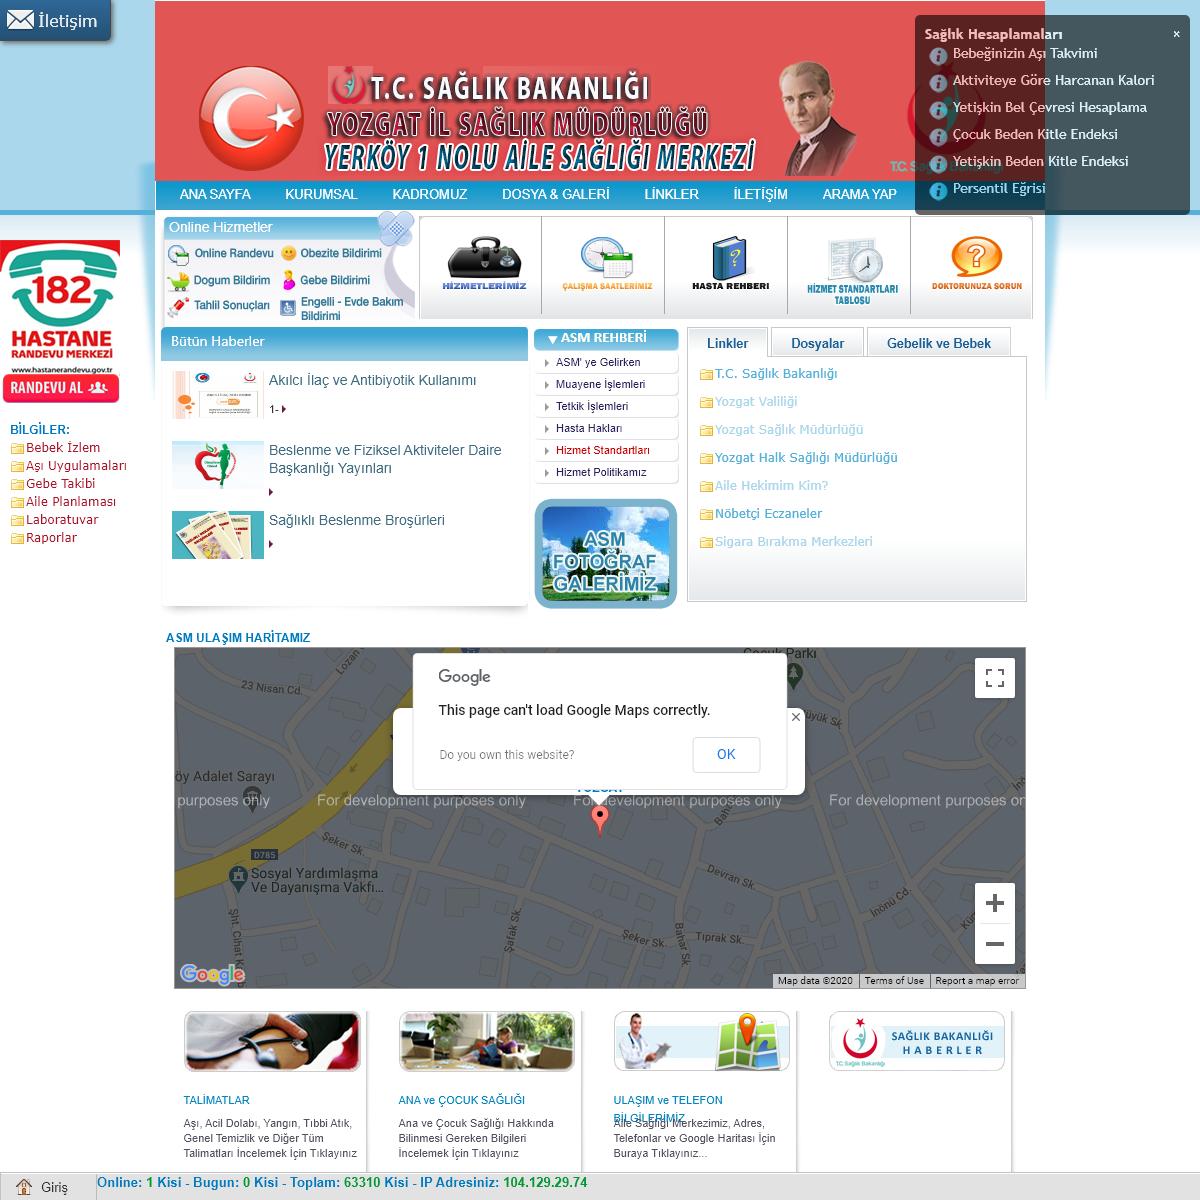 Yerköy 1 Nolu Aile Sağlığı Merkezi - YOZGAT